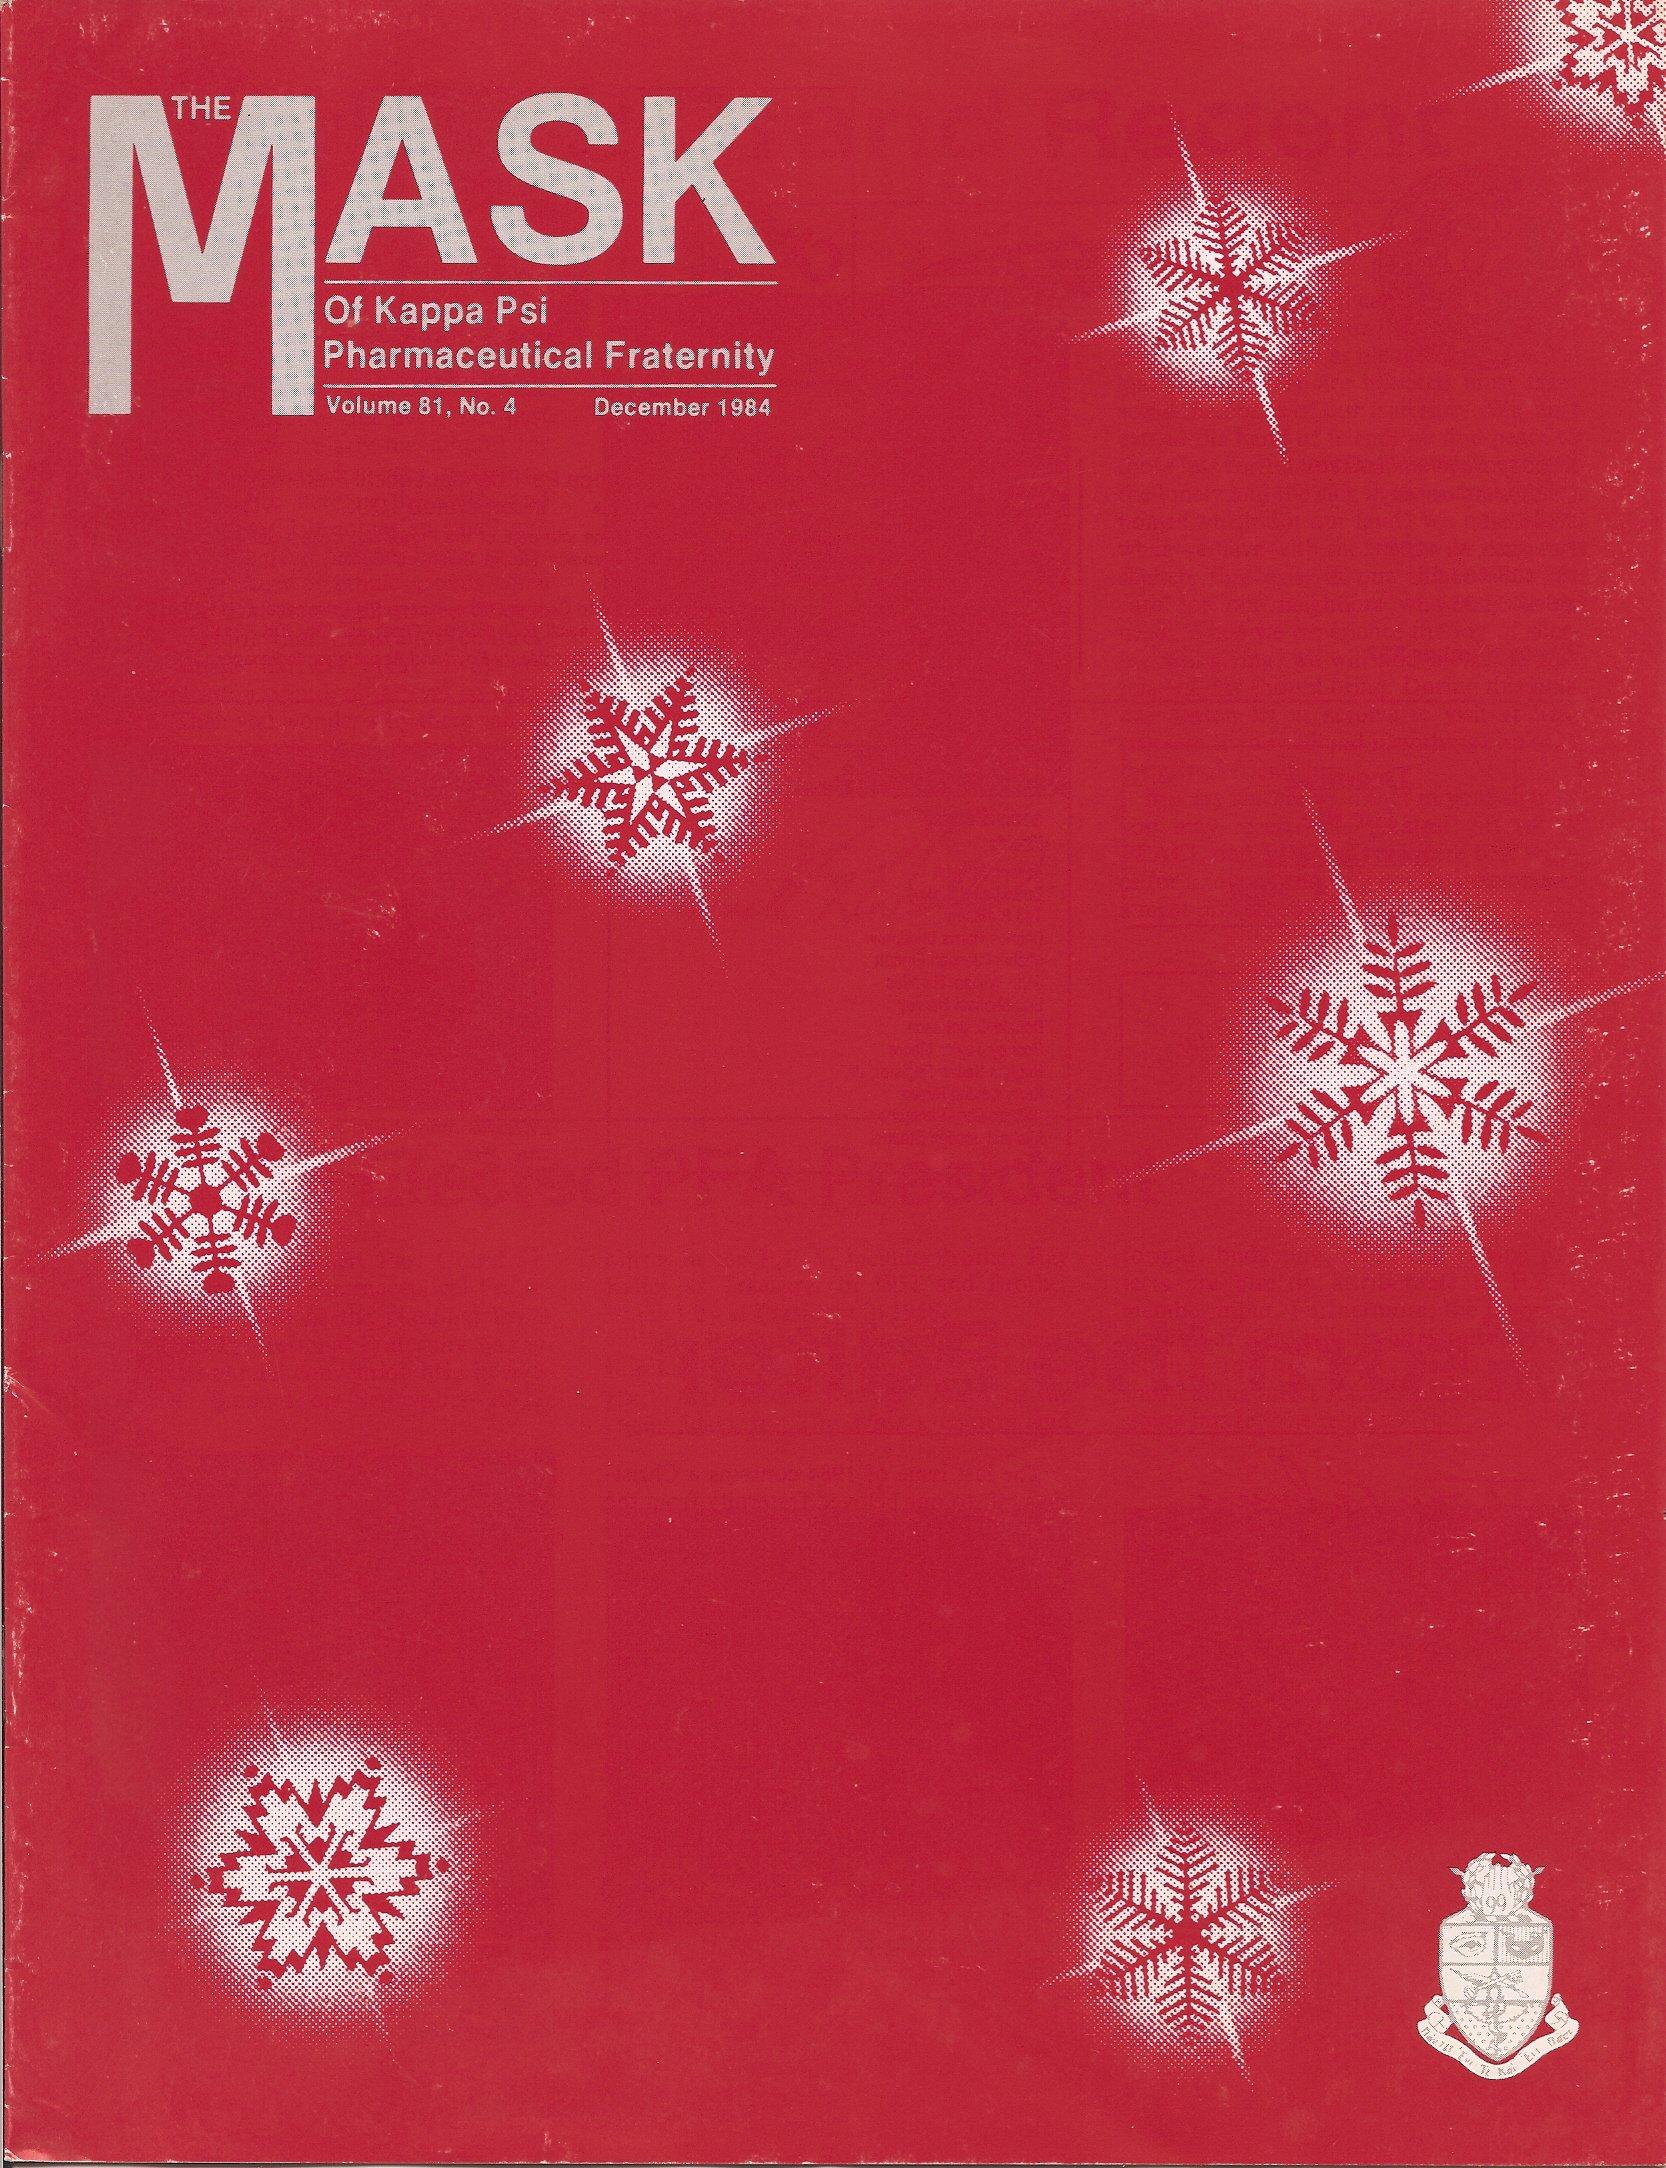 mask_cover_12_1984.jpg